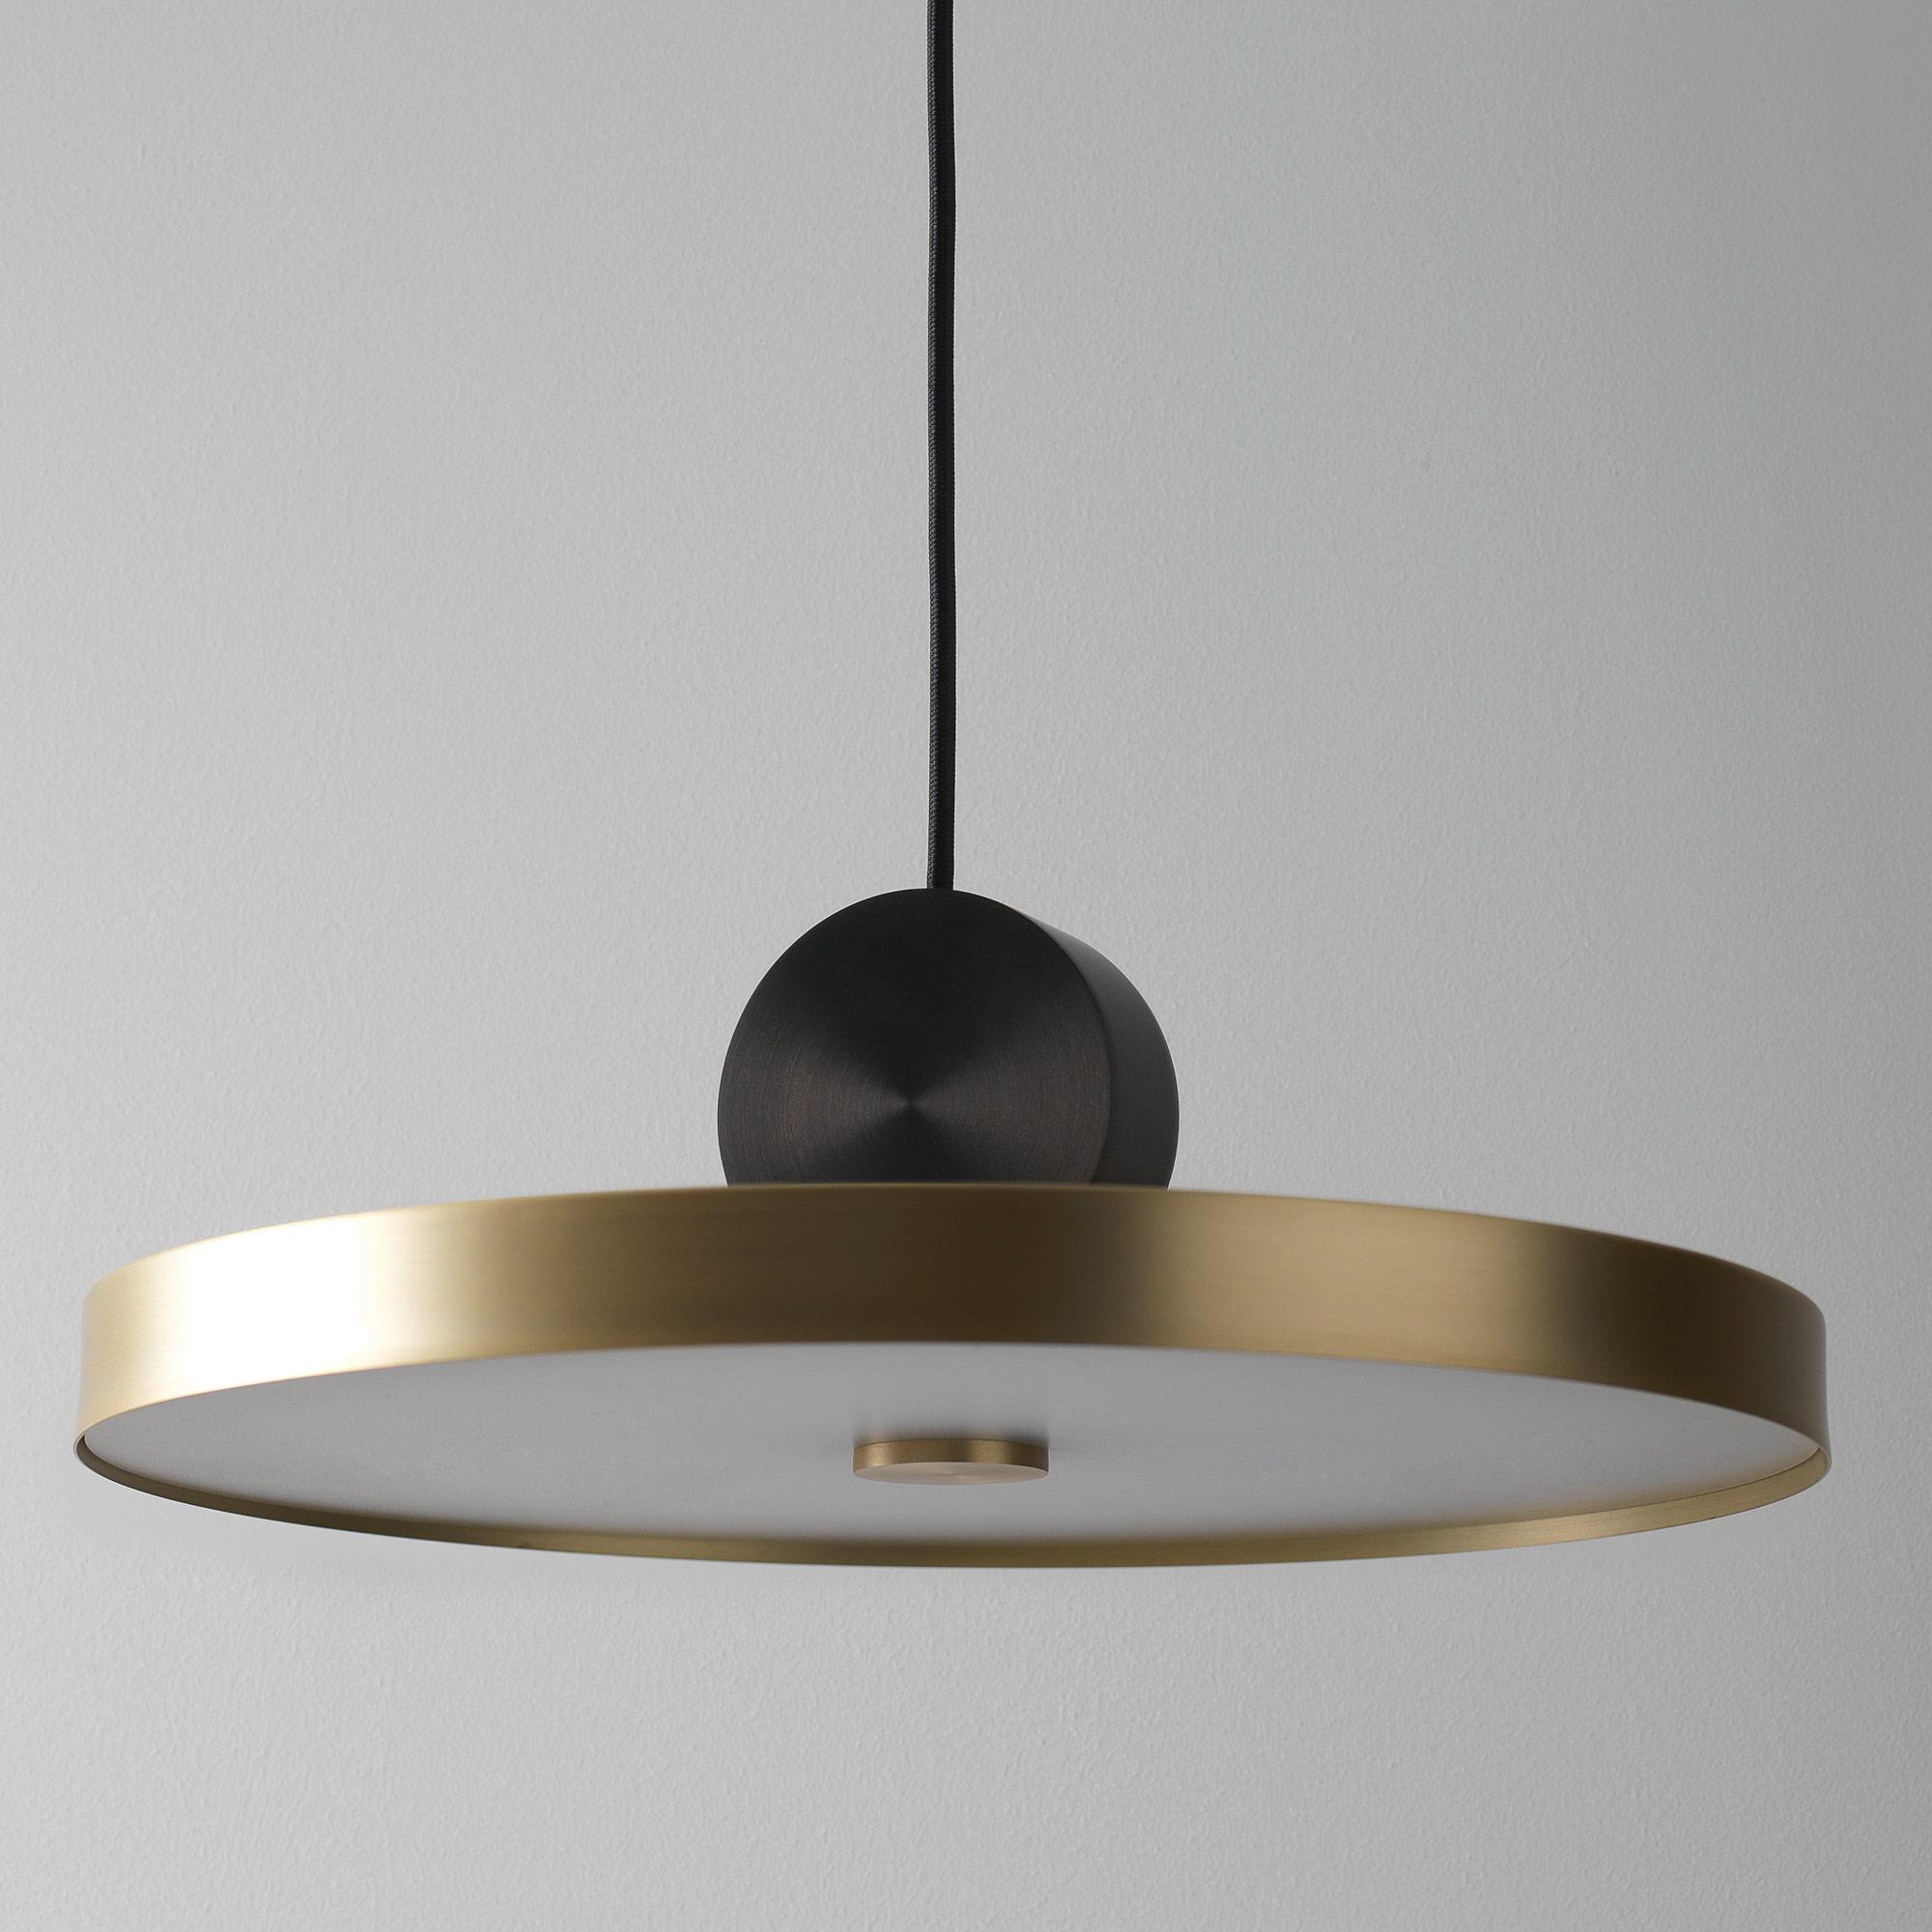 Подвесной светодиодный светильник LUSTRAM Calée 40 CALE PENDANT V4 40, LED, матовое золото, черный, металл - фото 2